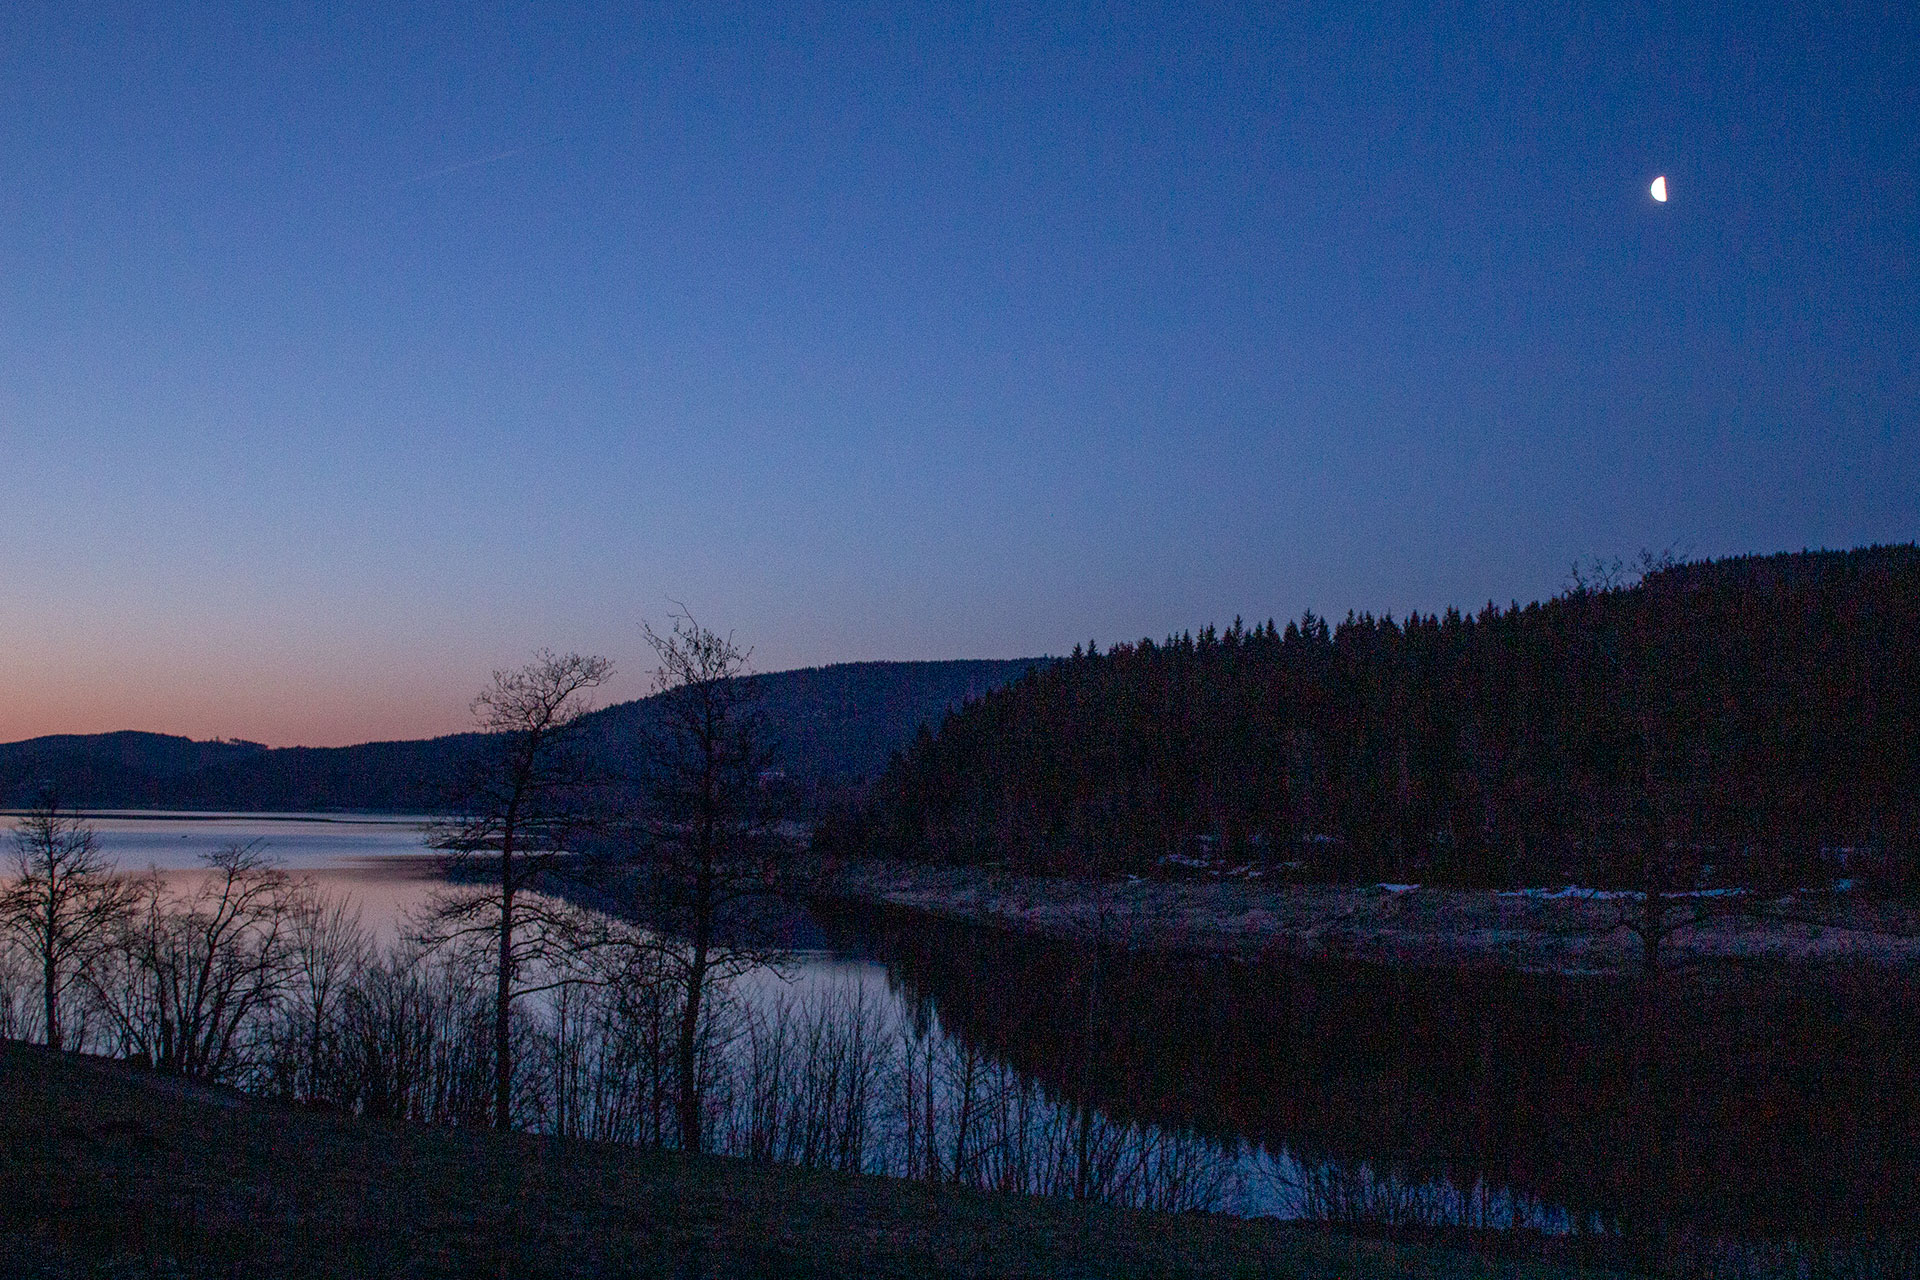 Noch steht der Mond am blauen Nachthimmel.